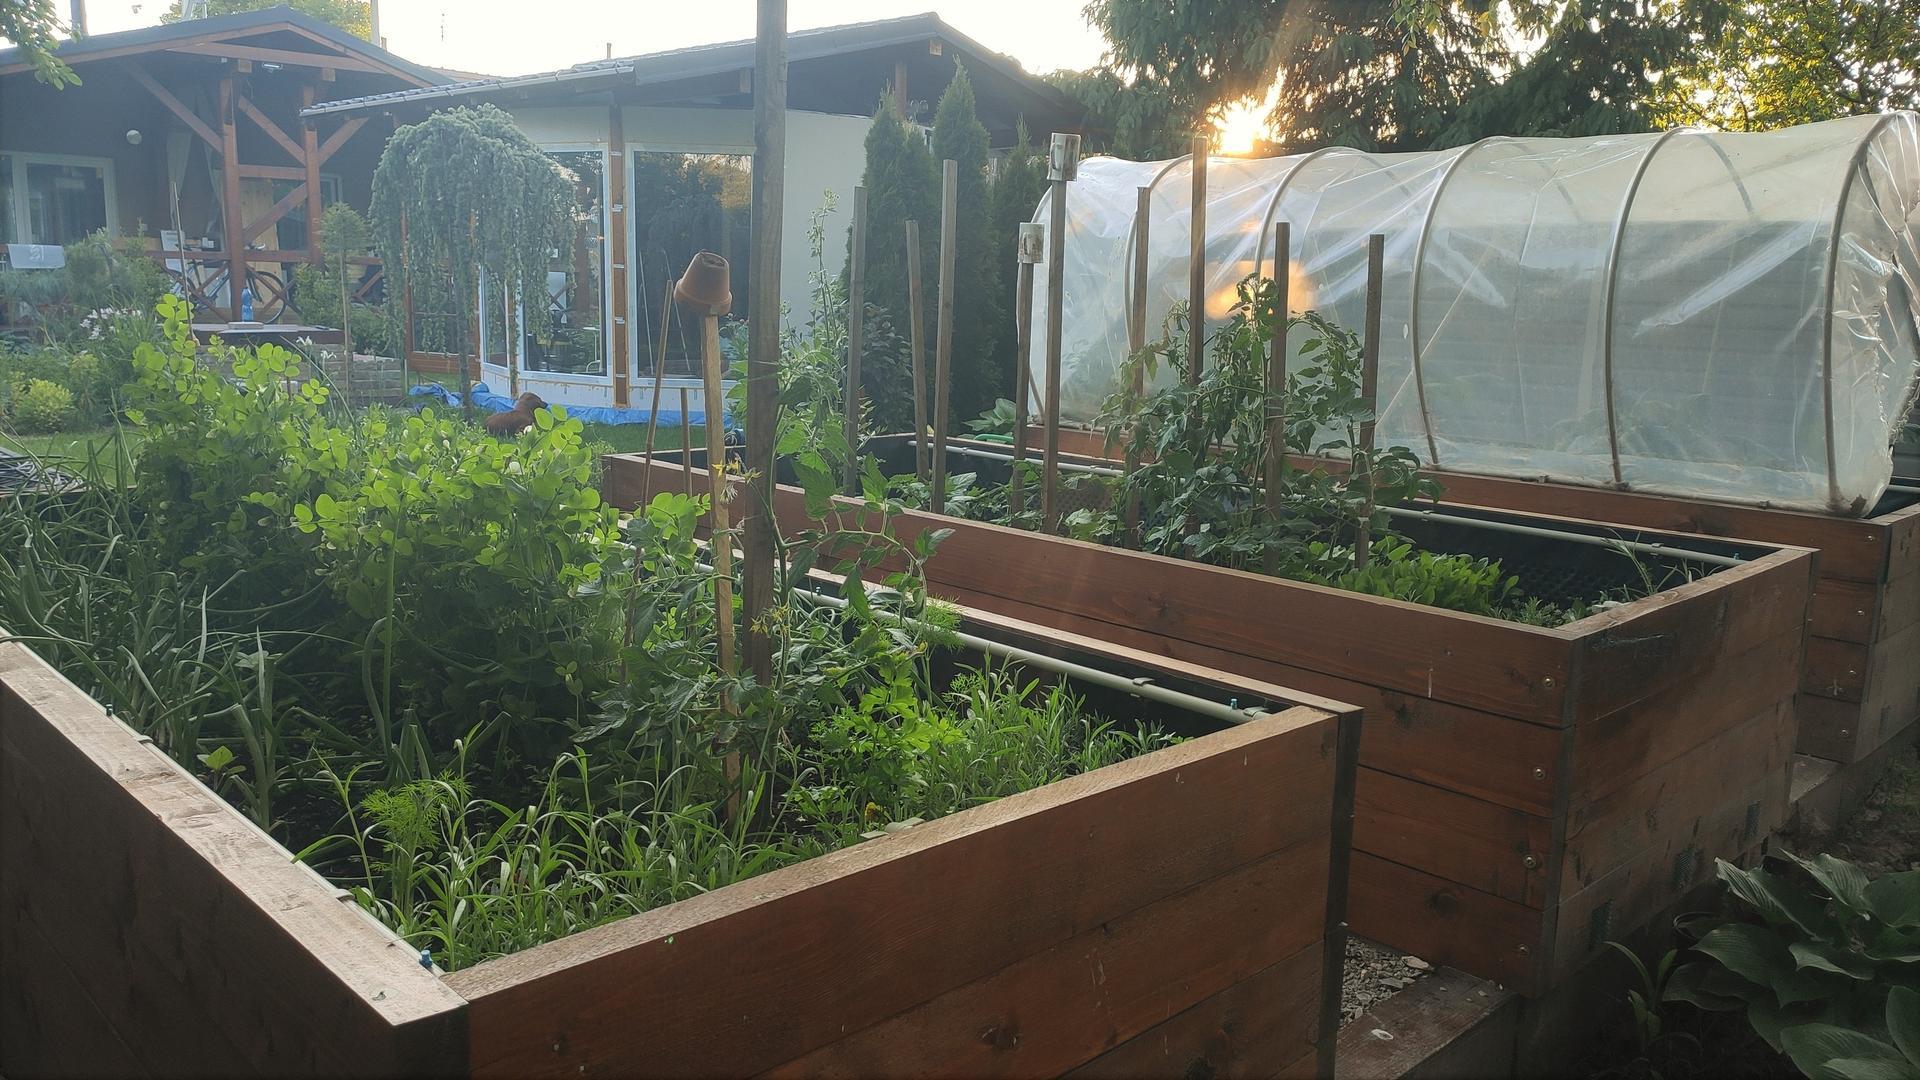 Vyvýšené záhony a úžitková záhrada - sezóna 2021 ... príprava, sadenie, starostlivosť - Obrázok č. 52